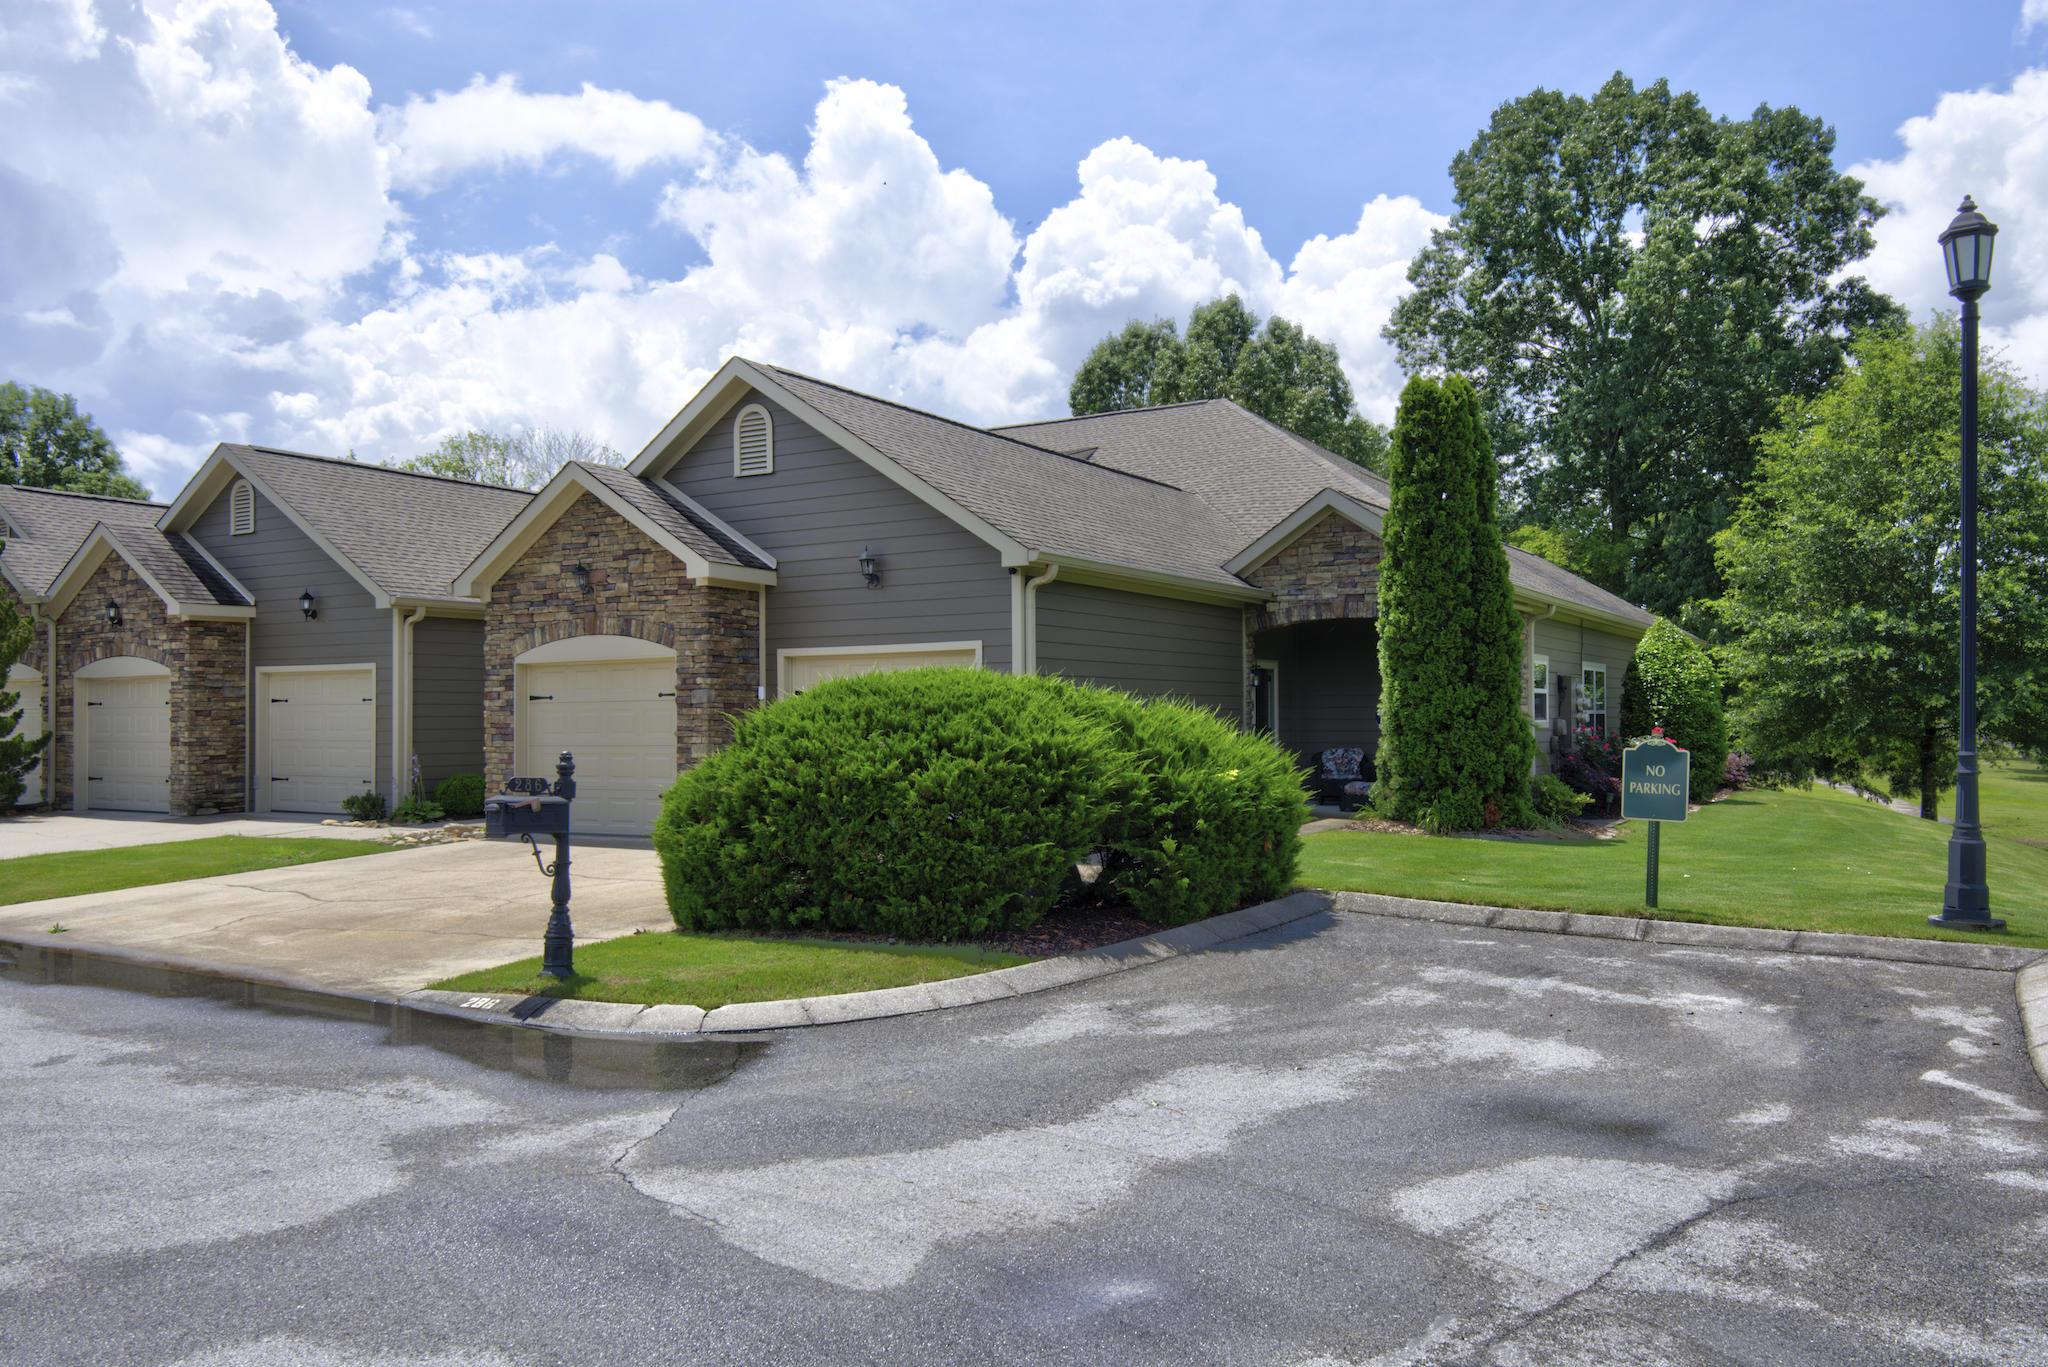 286 Templeton Ln, Hixson, TN 37343